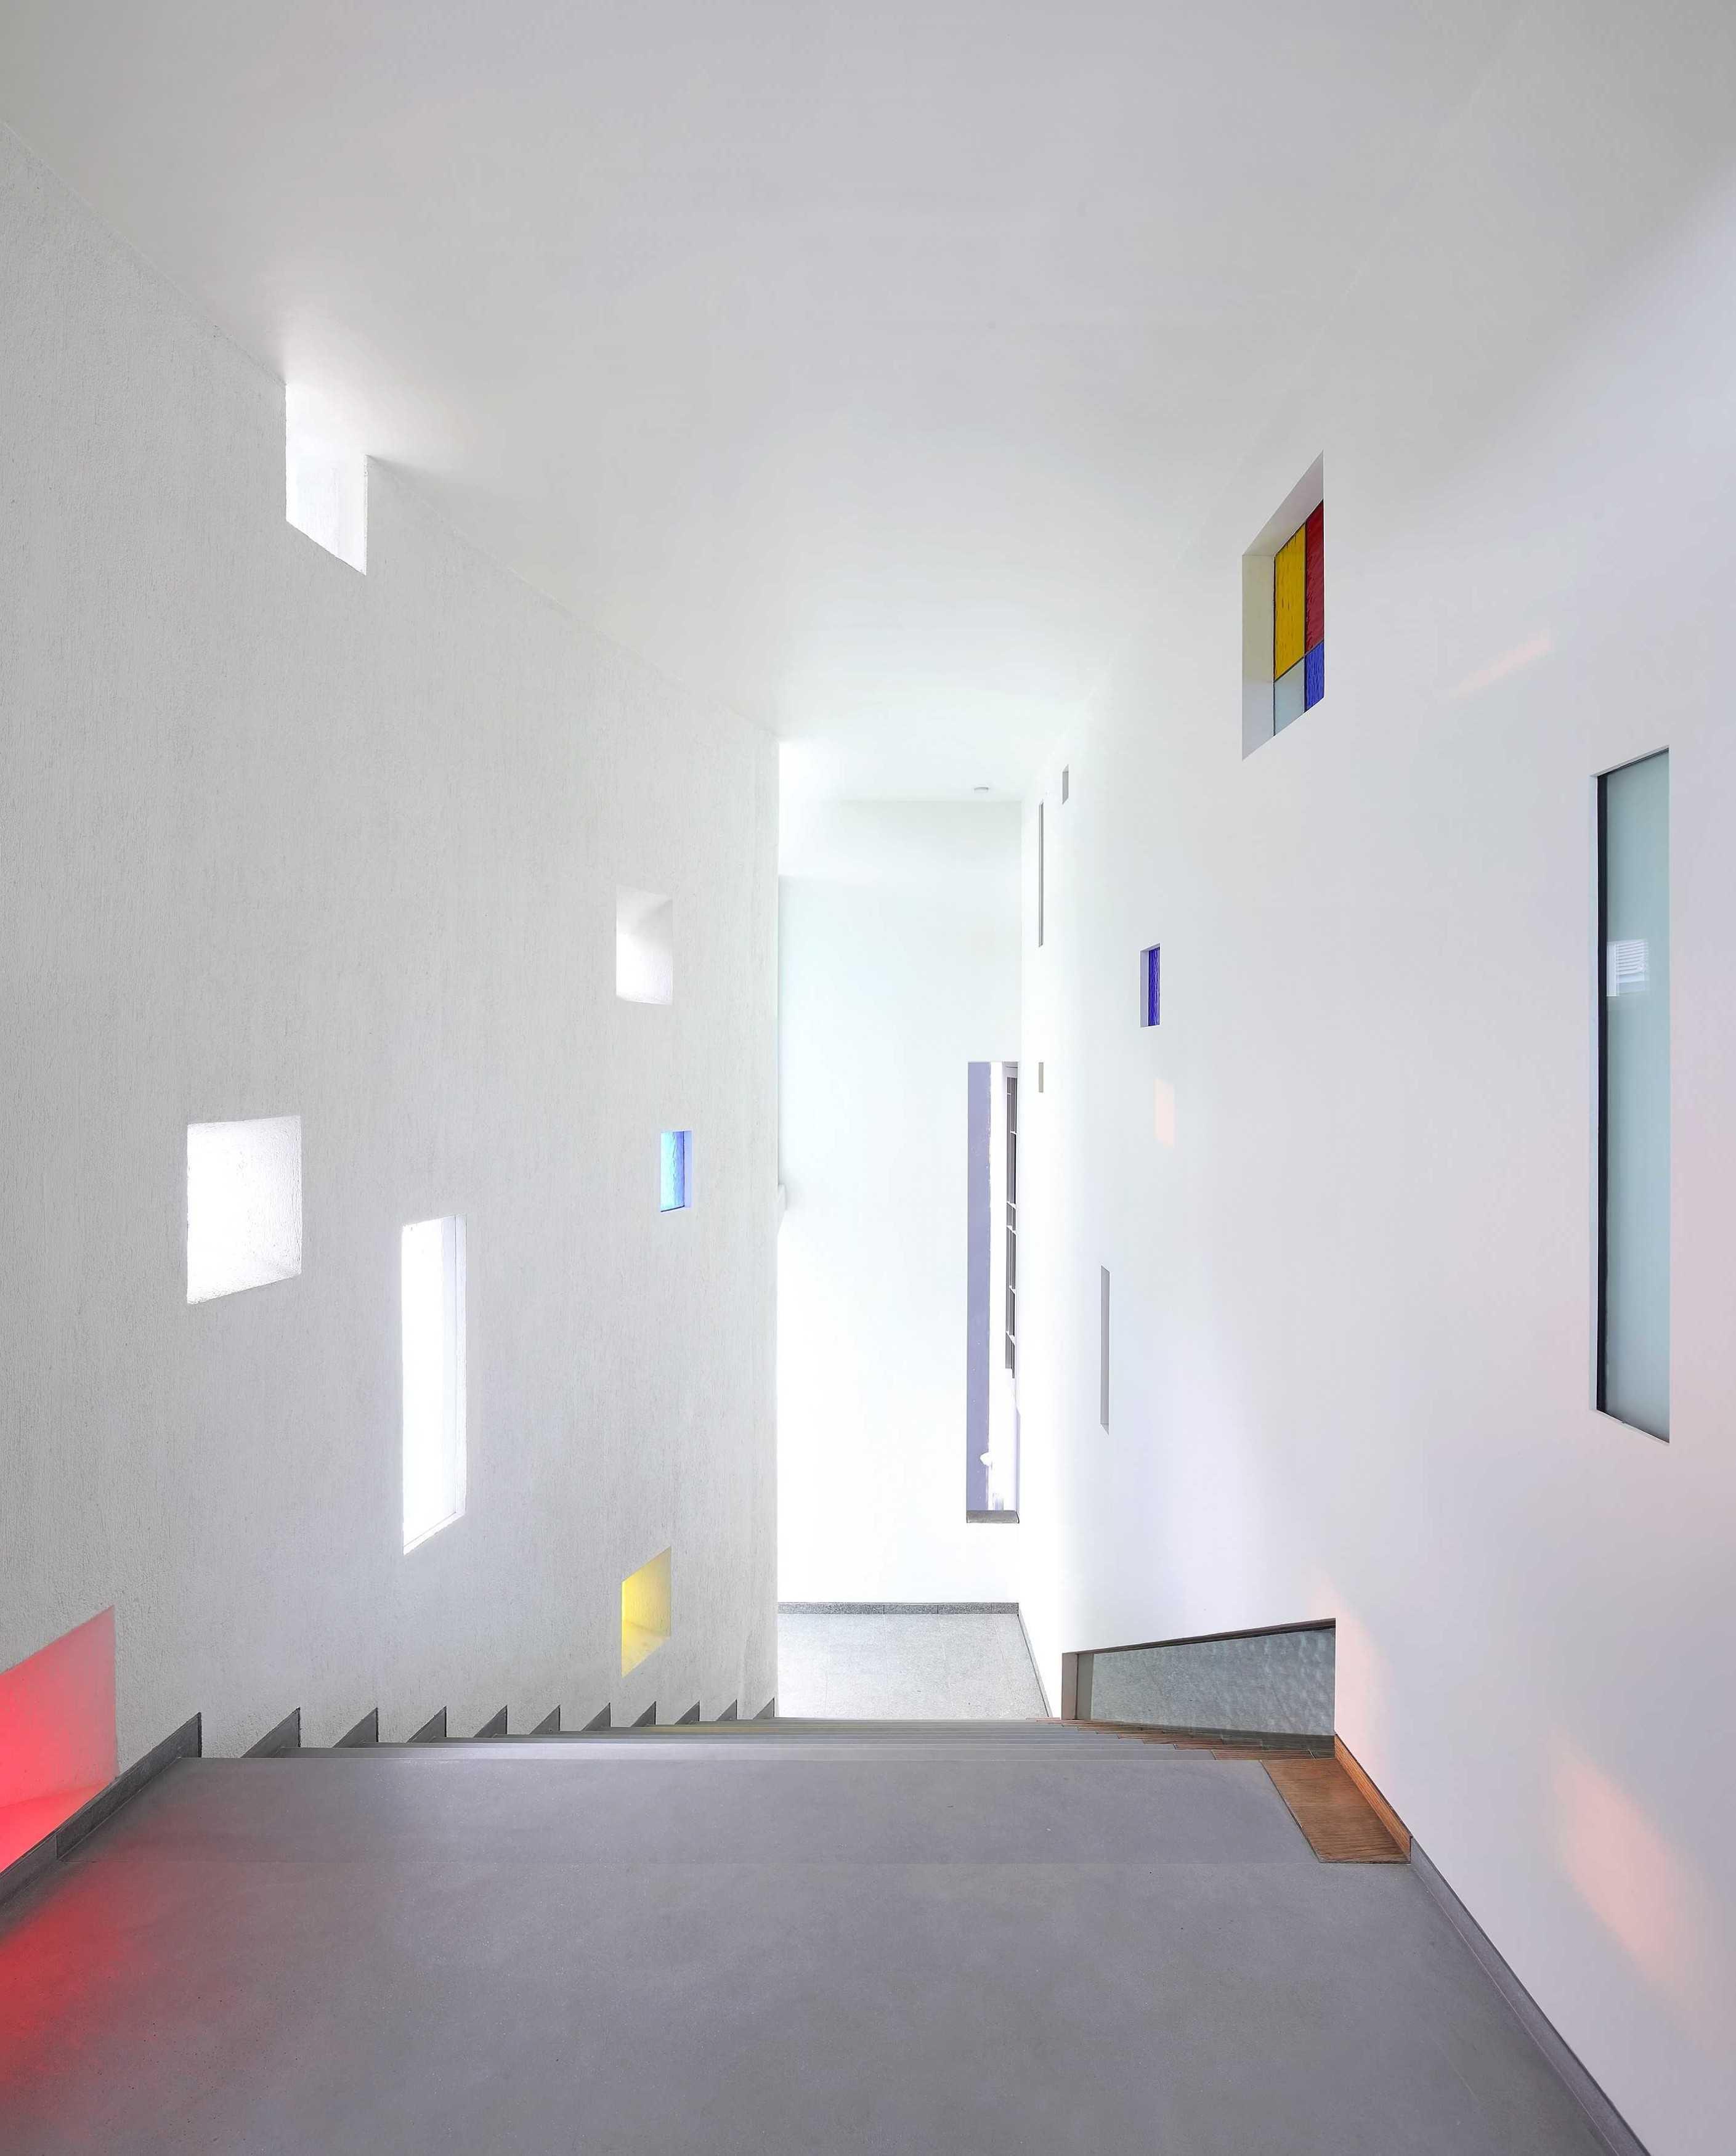 Irianto Purnomo Hadi Ss Residence  Gading Serpong, Jl. Boulevard Raya Gading Serpong, Klp. Dua, Tangerang, Banten 15810, Indonesia Stairs   30280